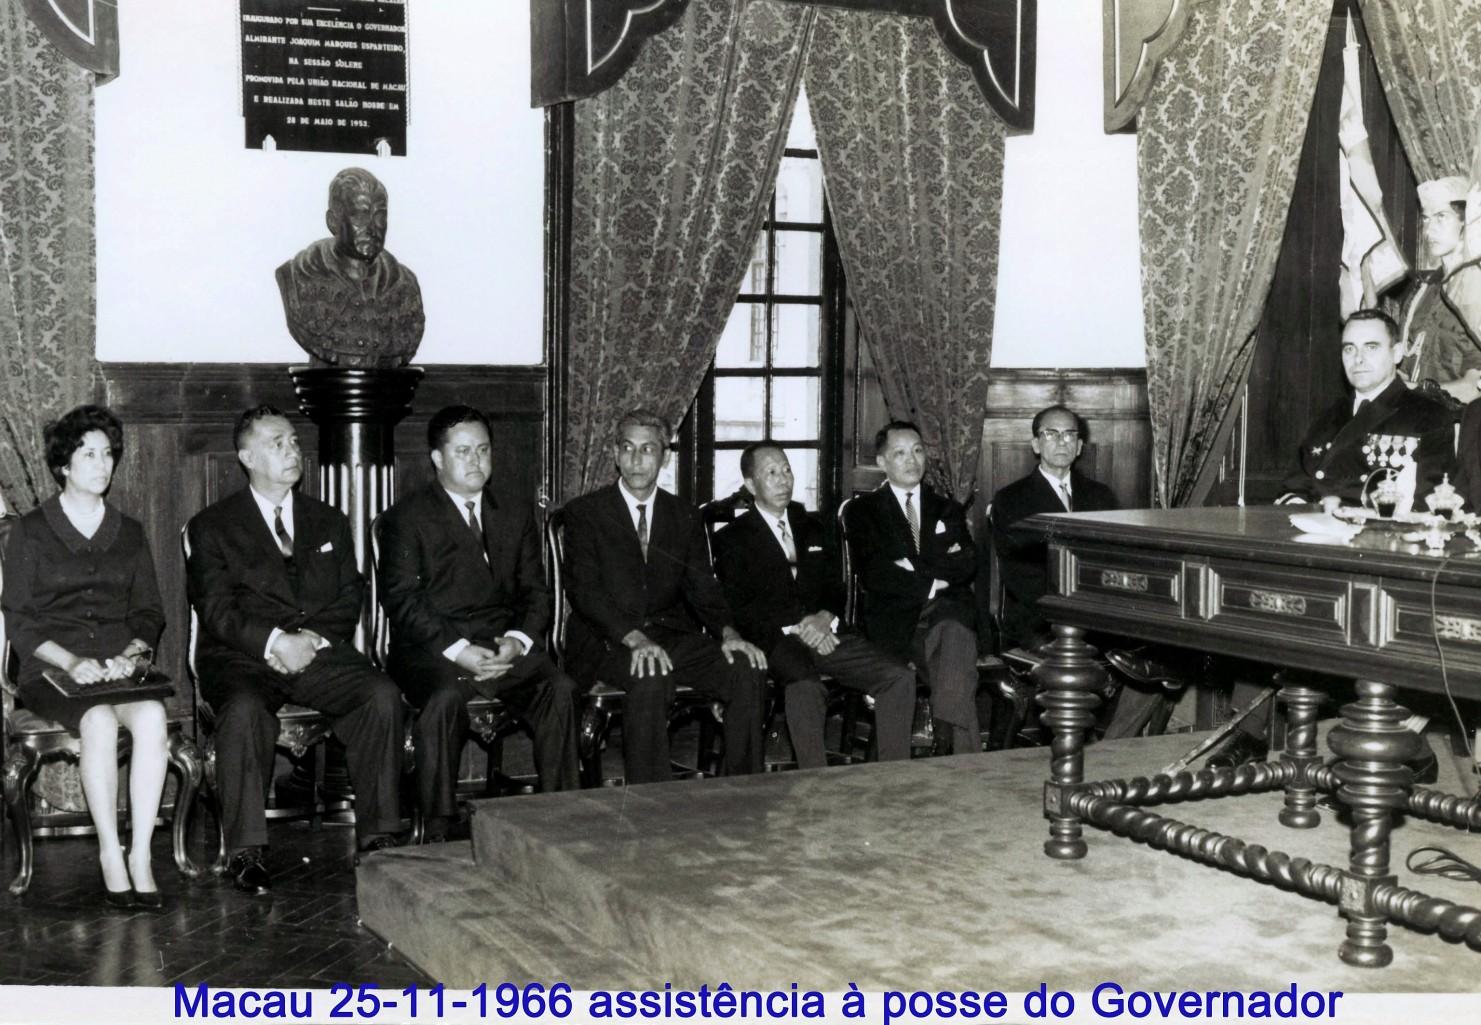 058 66-11-25 assistência à posse do Governador